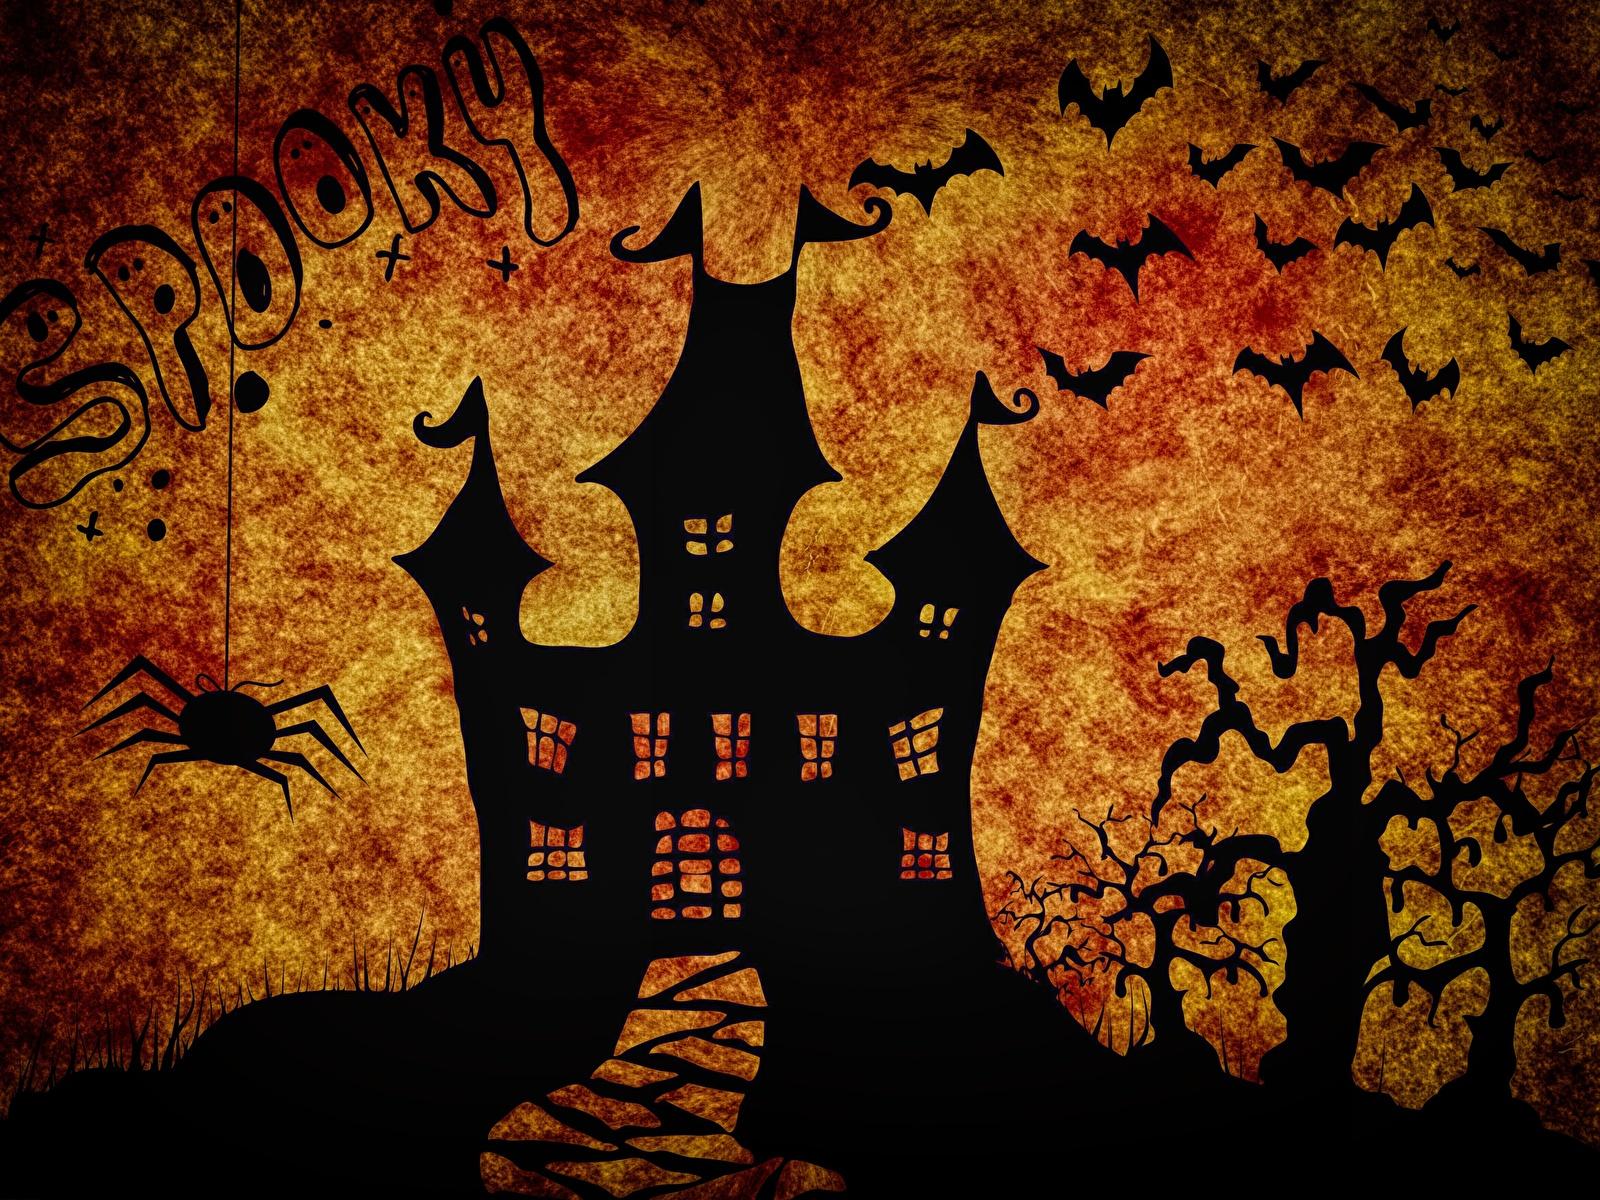 Обои для рабочего стола Замки Праздники силуэта Летучие мыши хэллоуин 1600x1200 замок Силуэт силуэты Хеллоуин